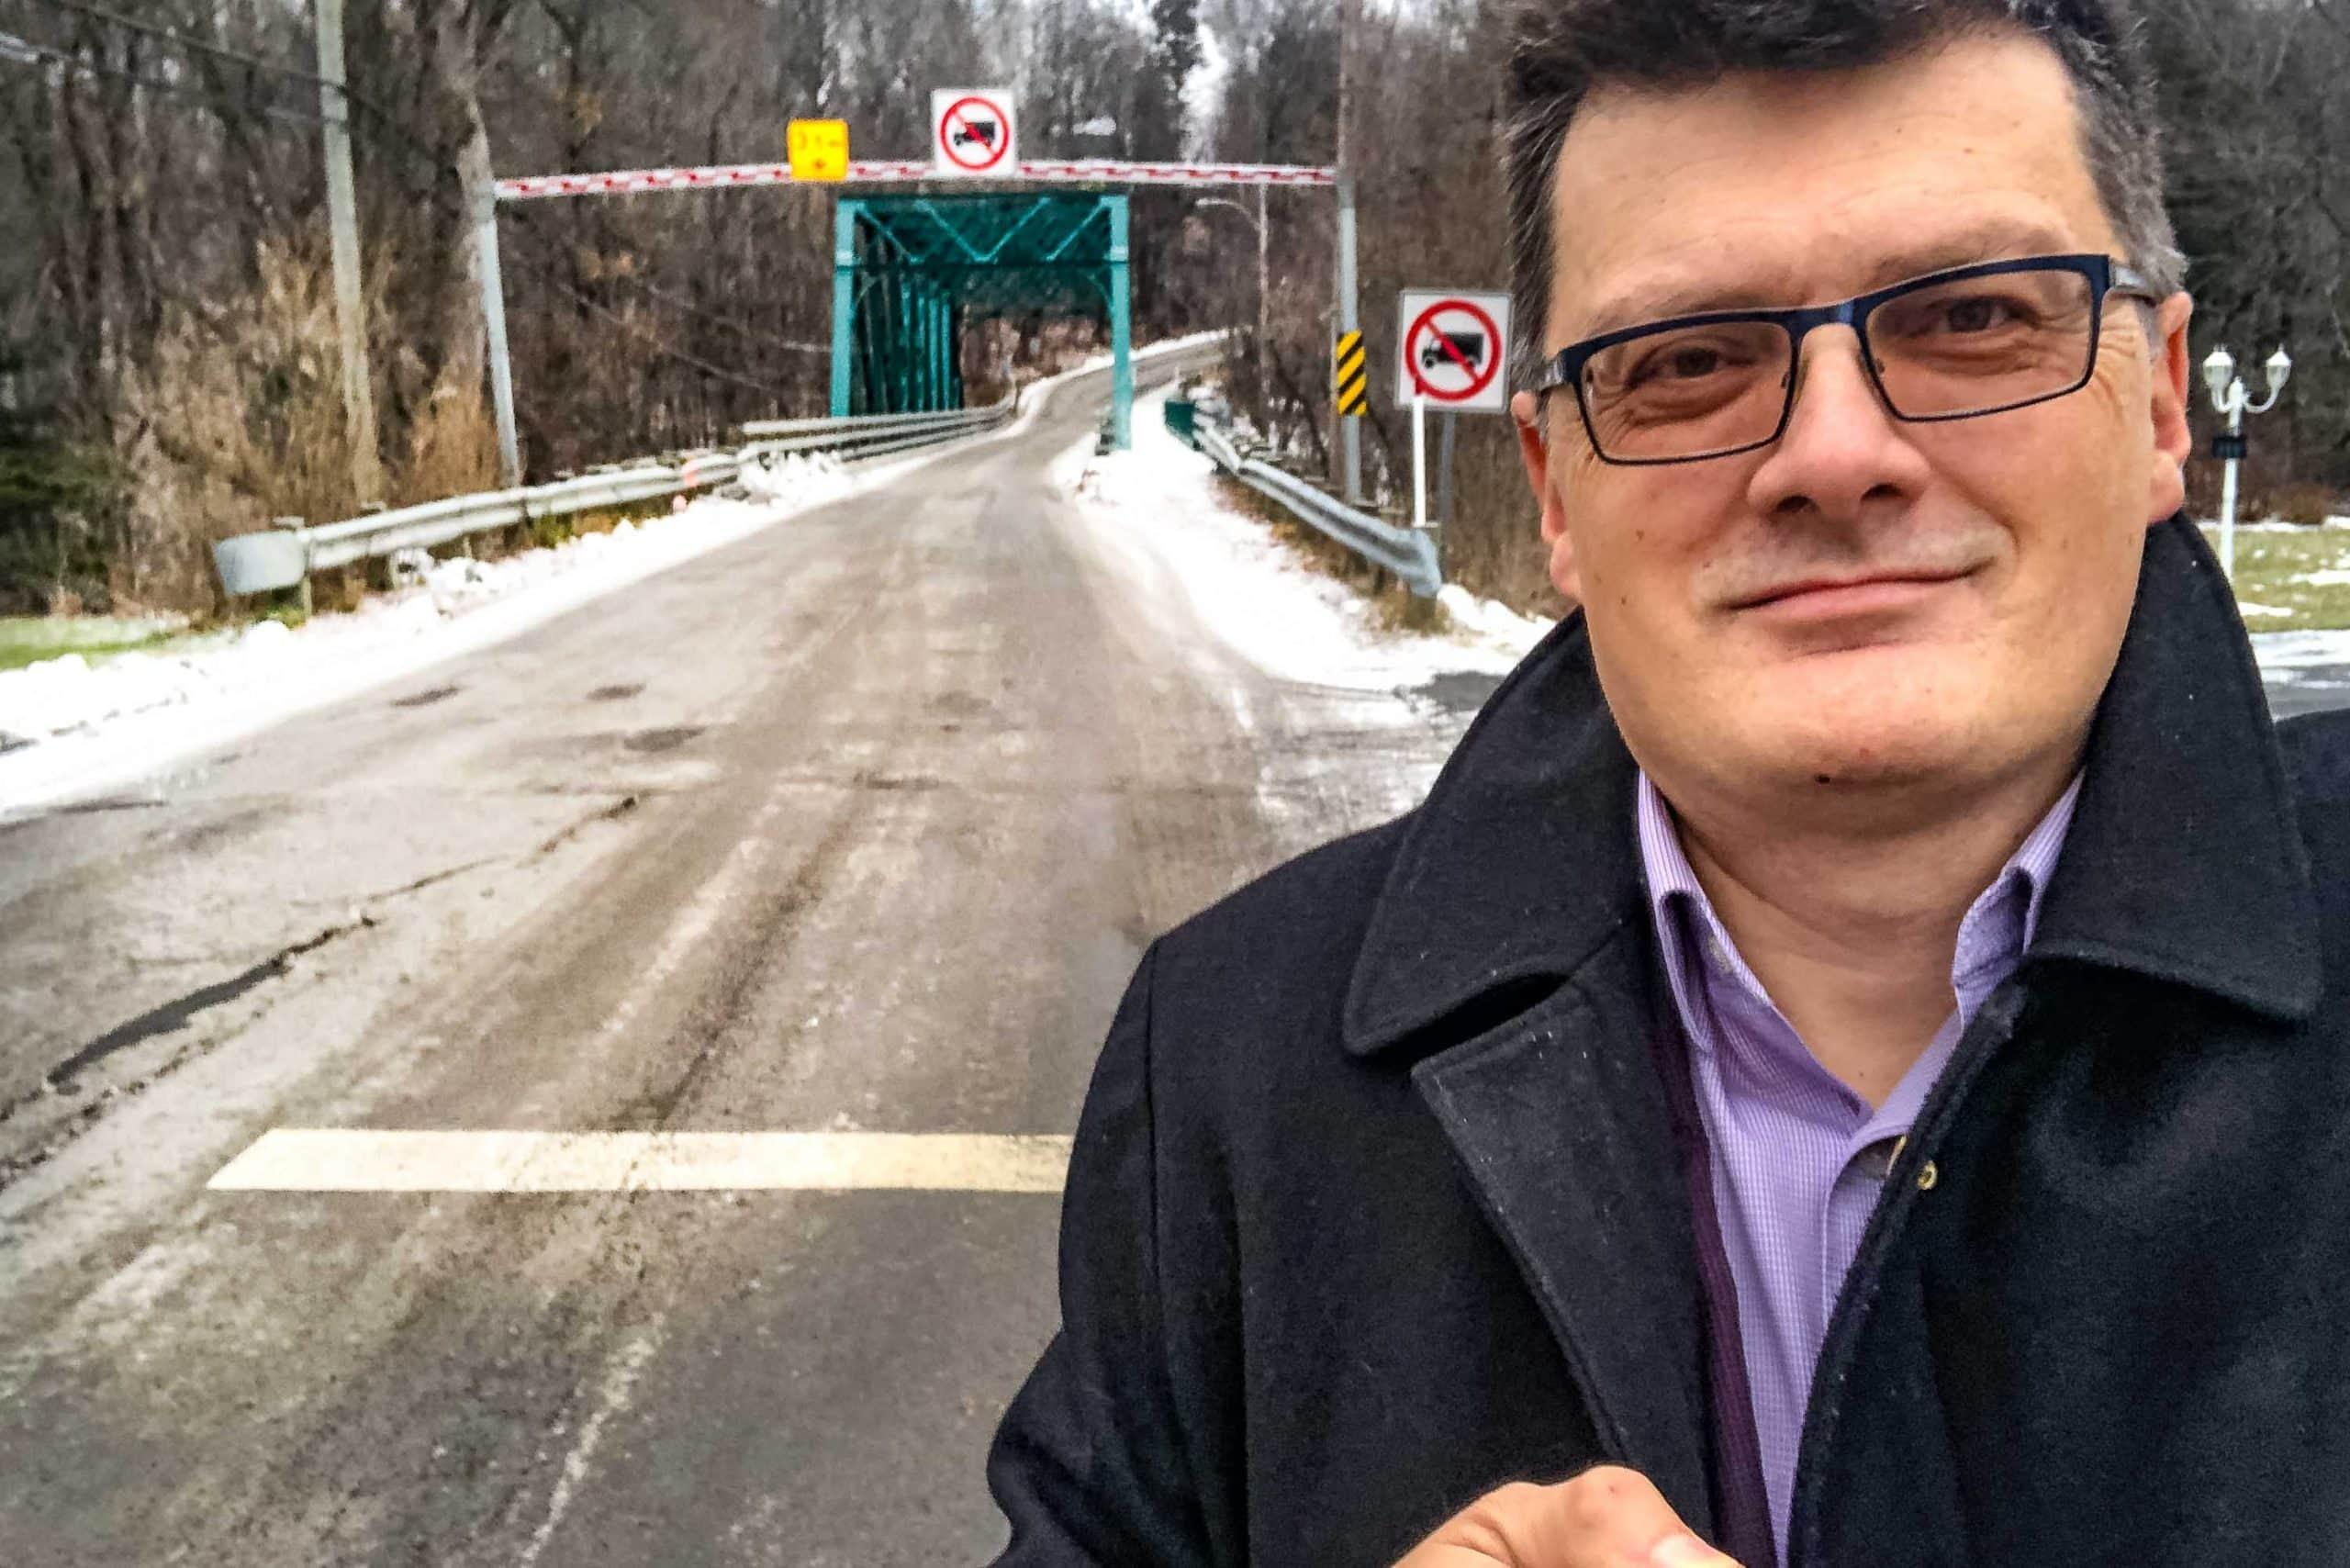 Le maire Paul Germain aimerait bien trouver une solution plus efficace pour empêcher les camions d'accrocher la structure du pont Shaw.